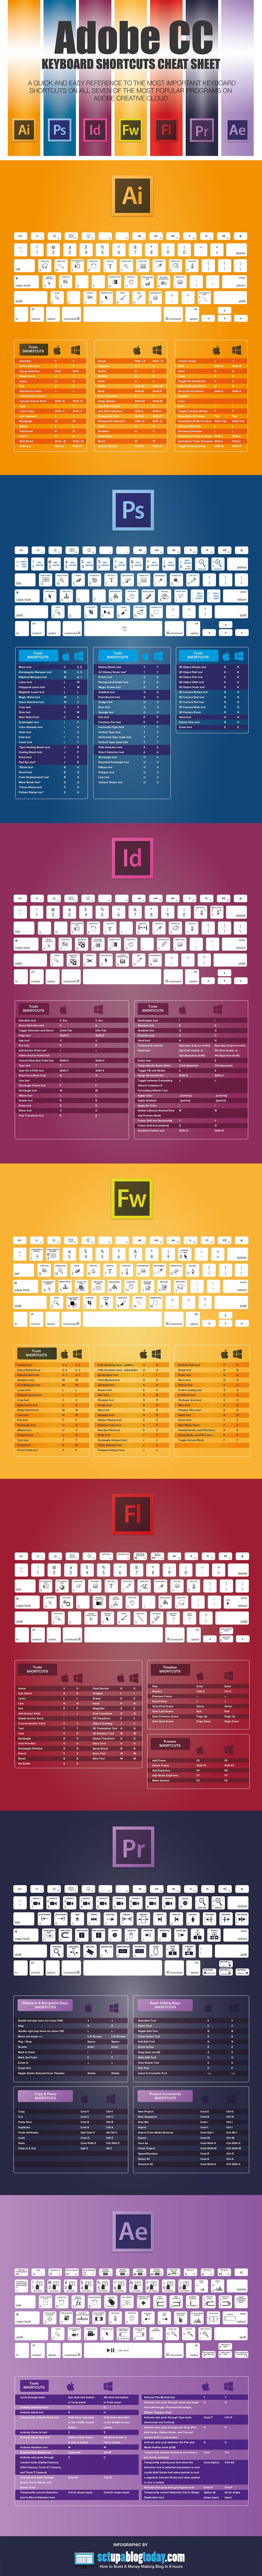 Atajos de teclado Adobe